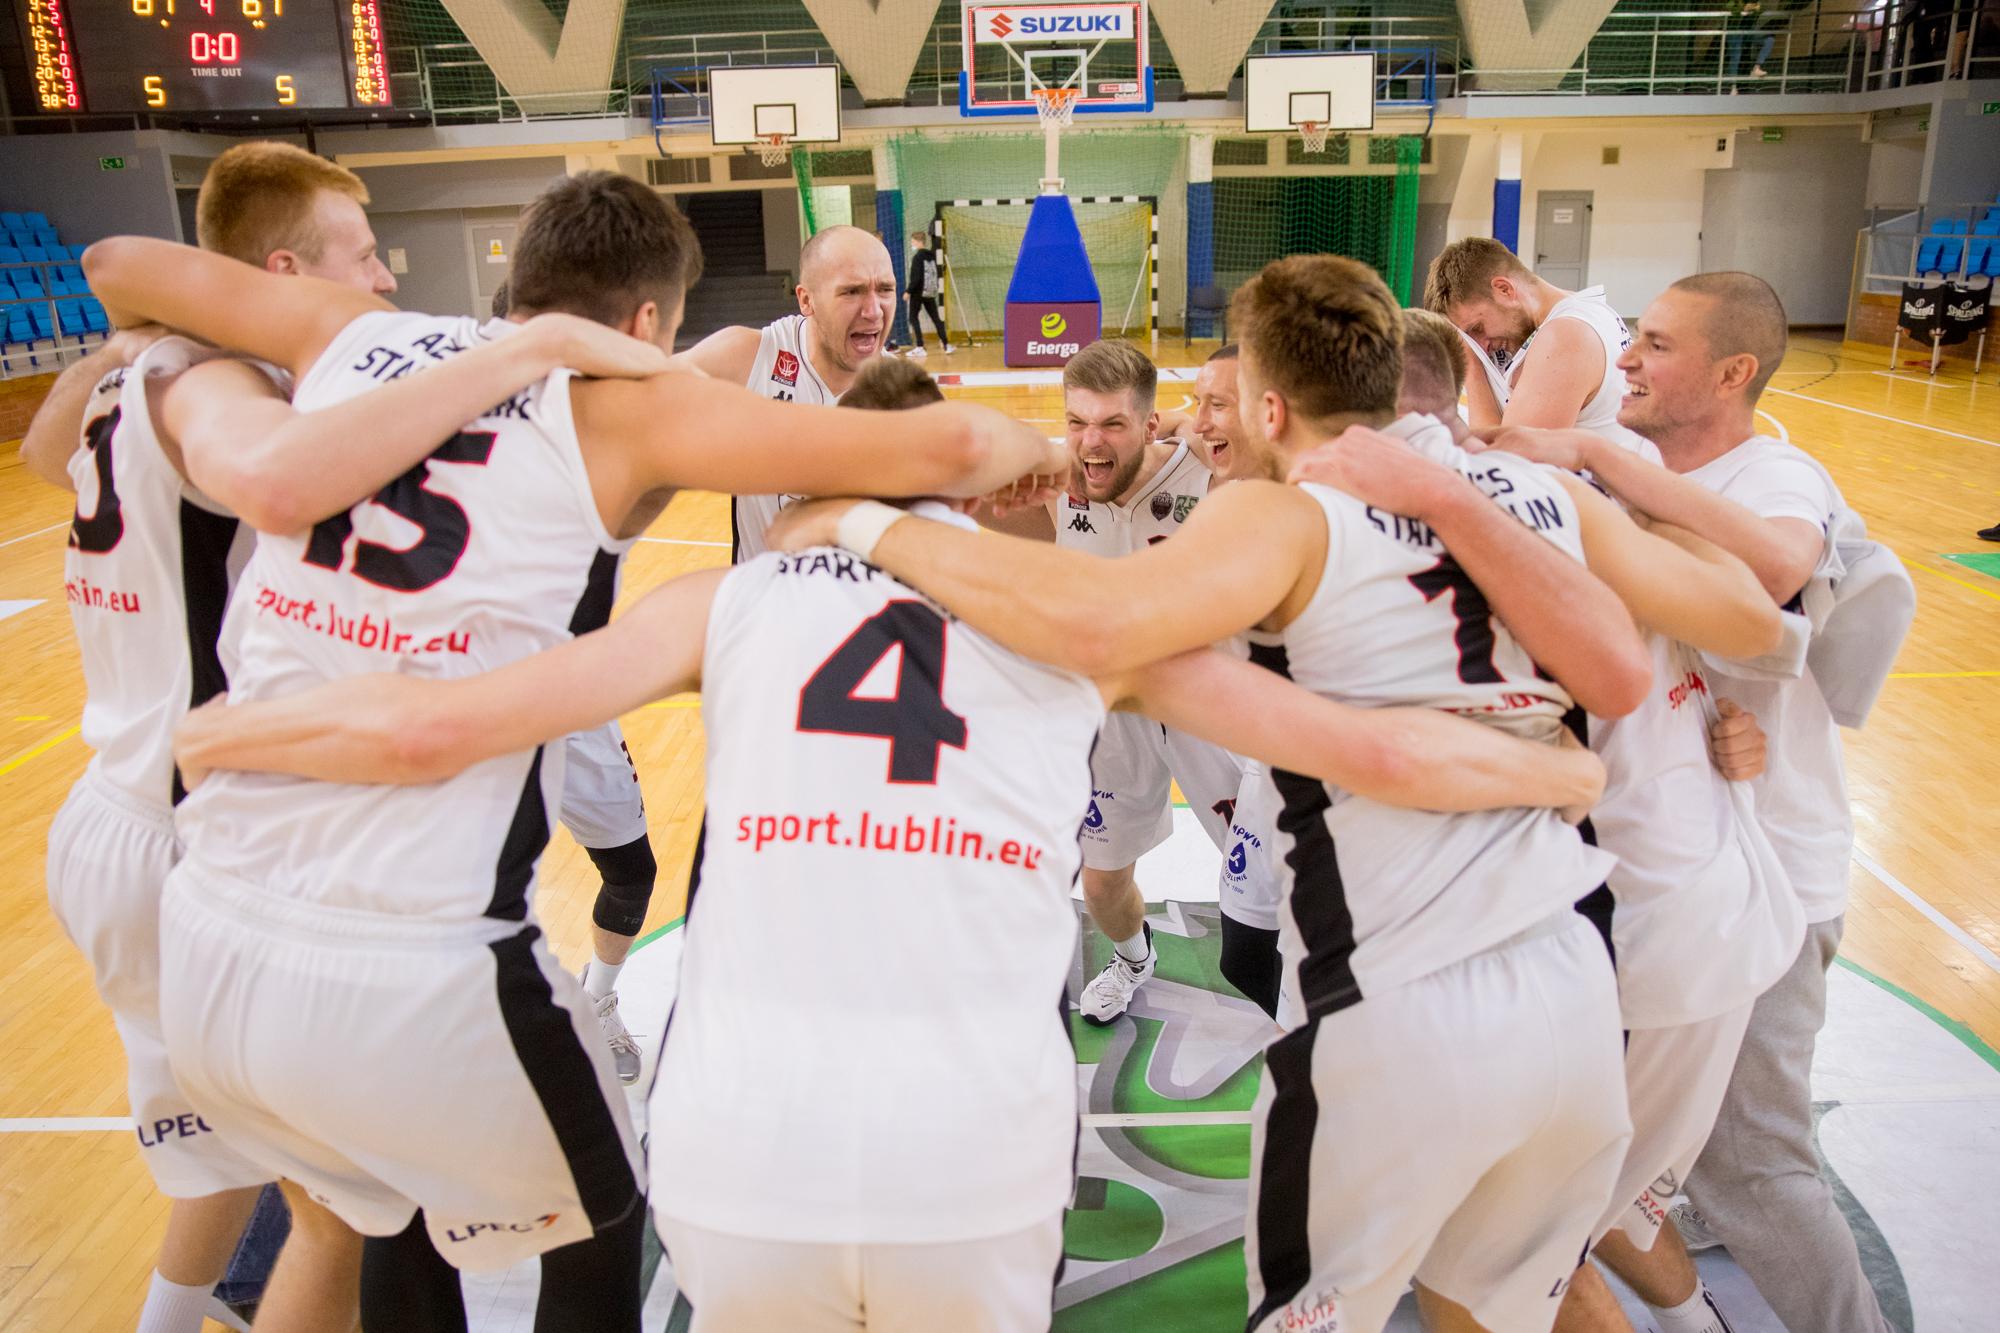 U!NB AZS UMCS Start II Lublin z awansem do 1. Ligi PZKosz